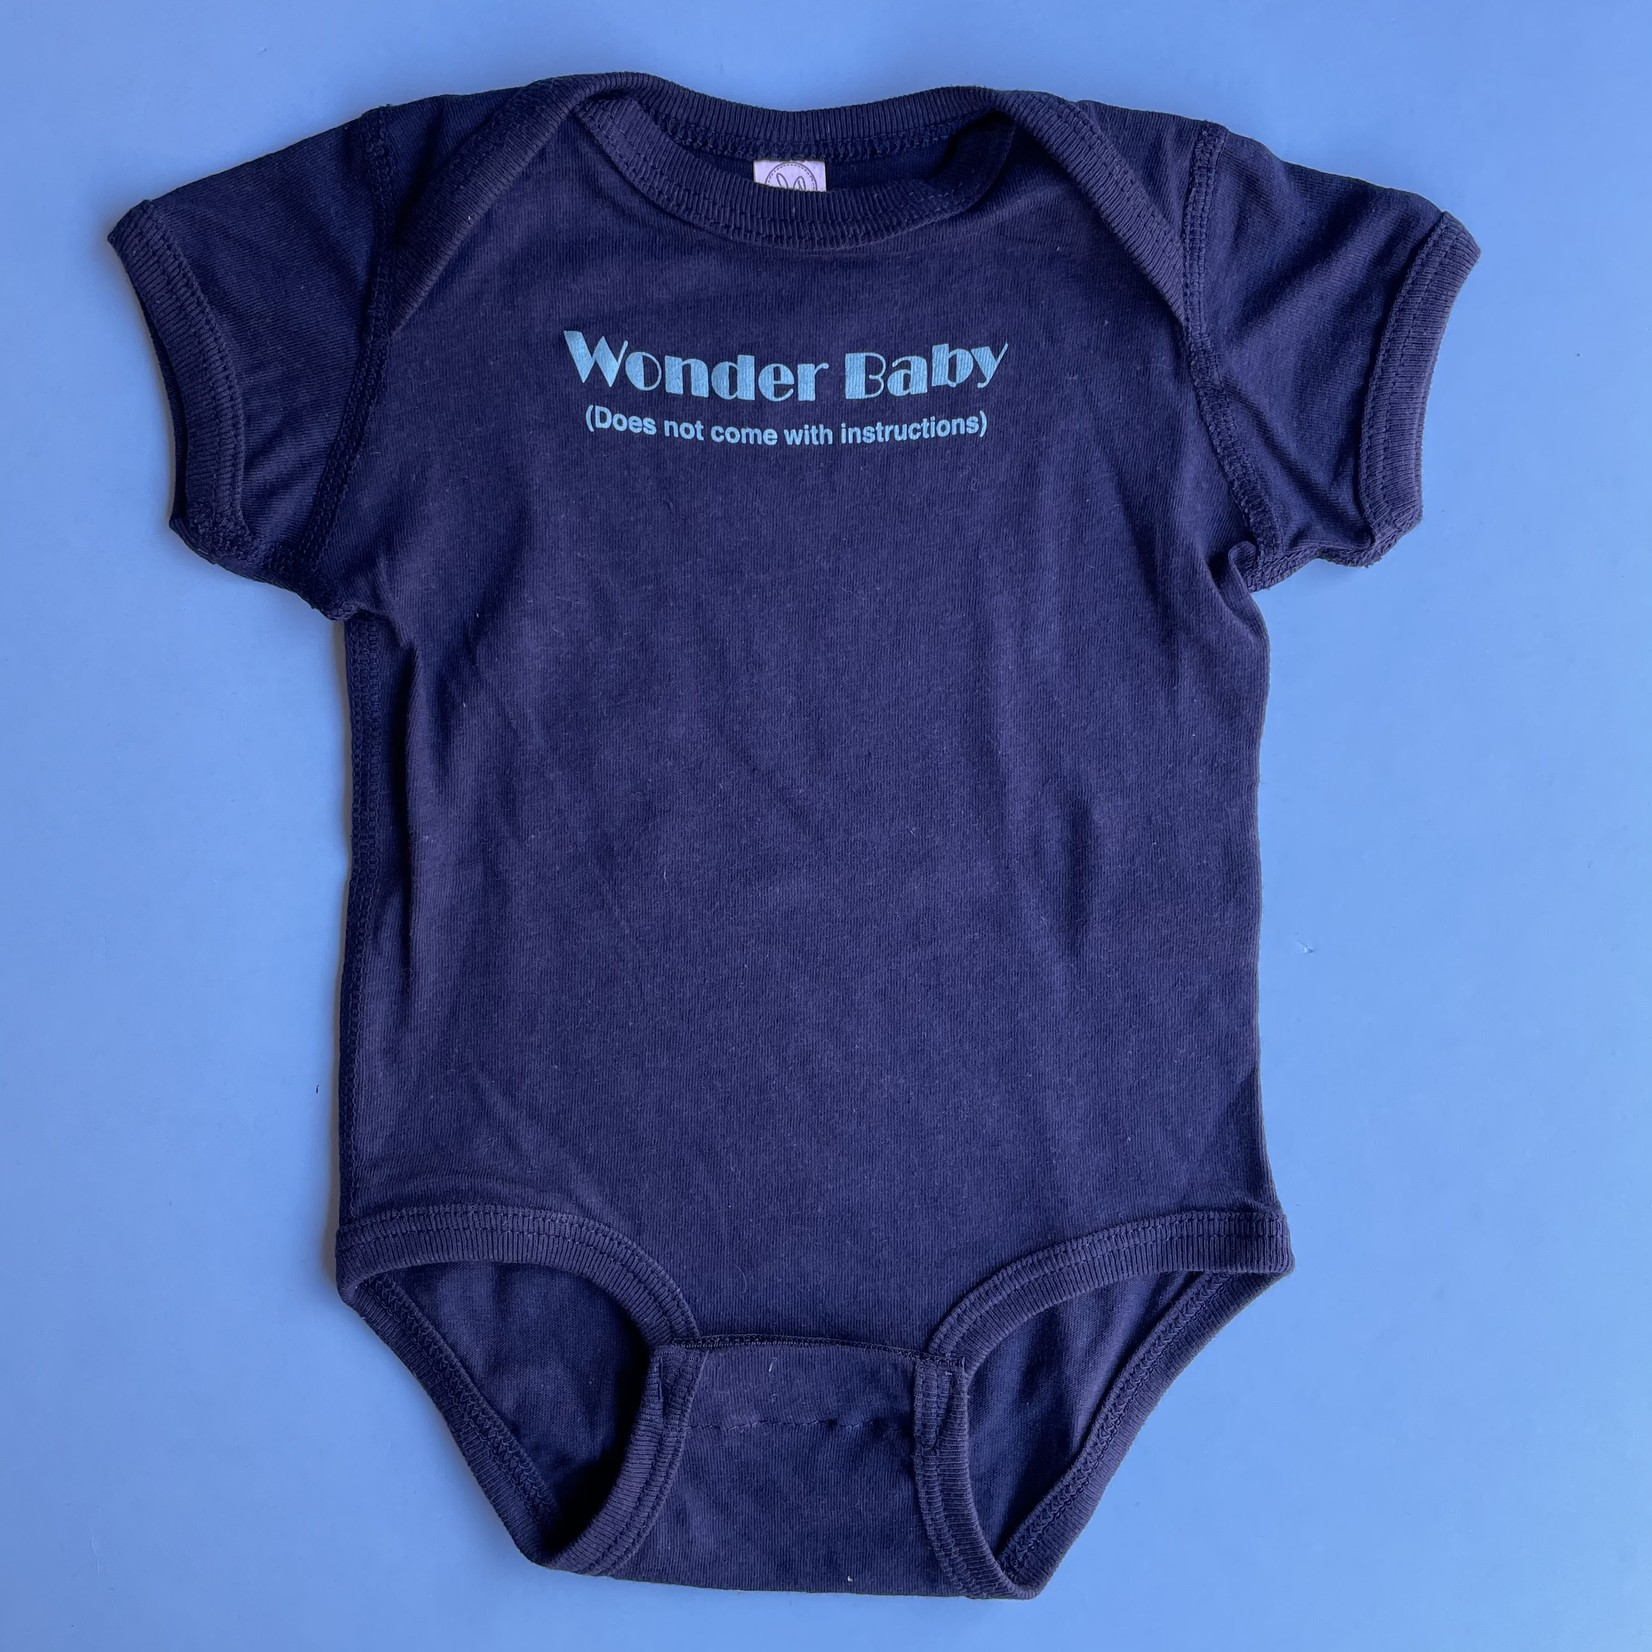 Exit9 Gift Emporium Wonder Baby Onesie